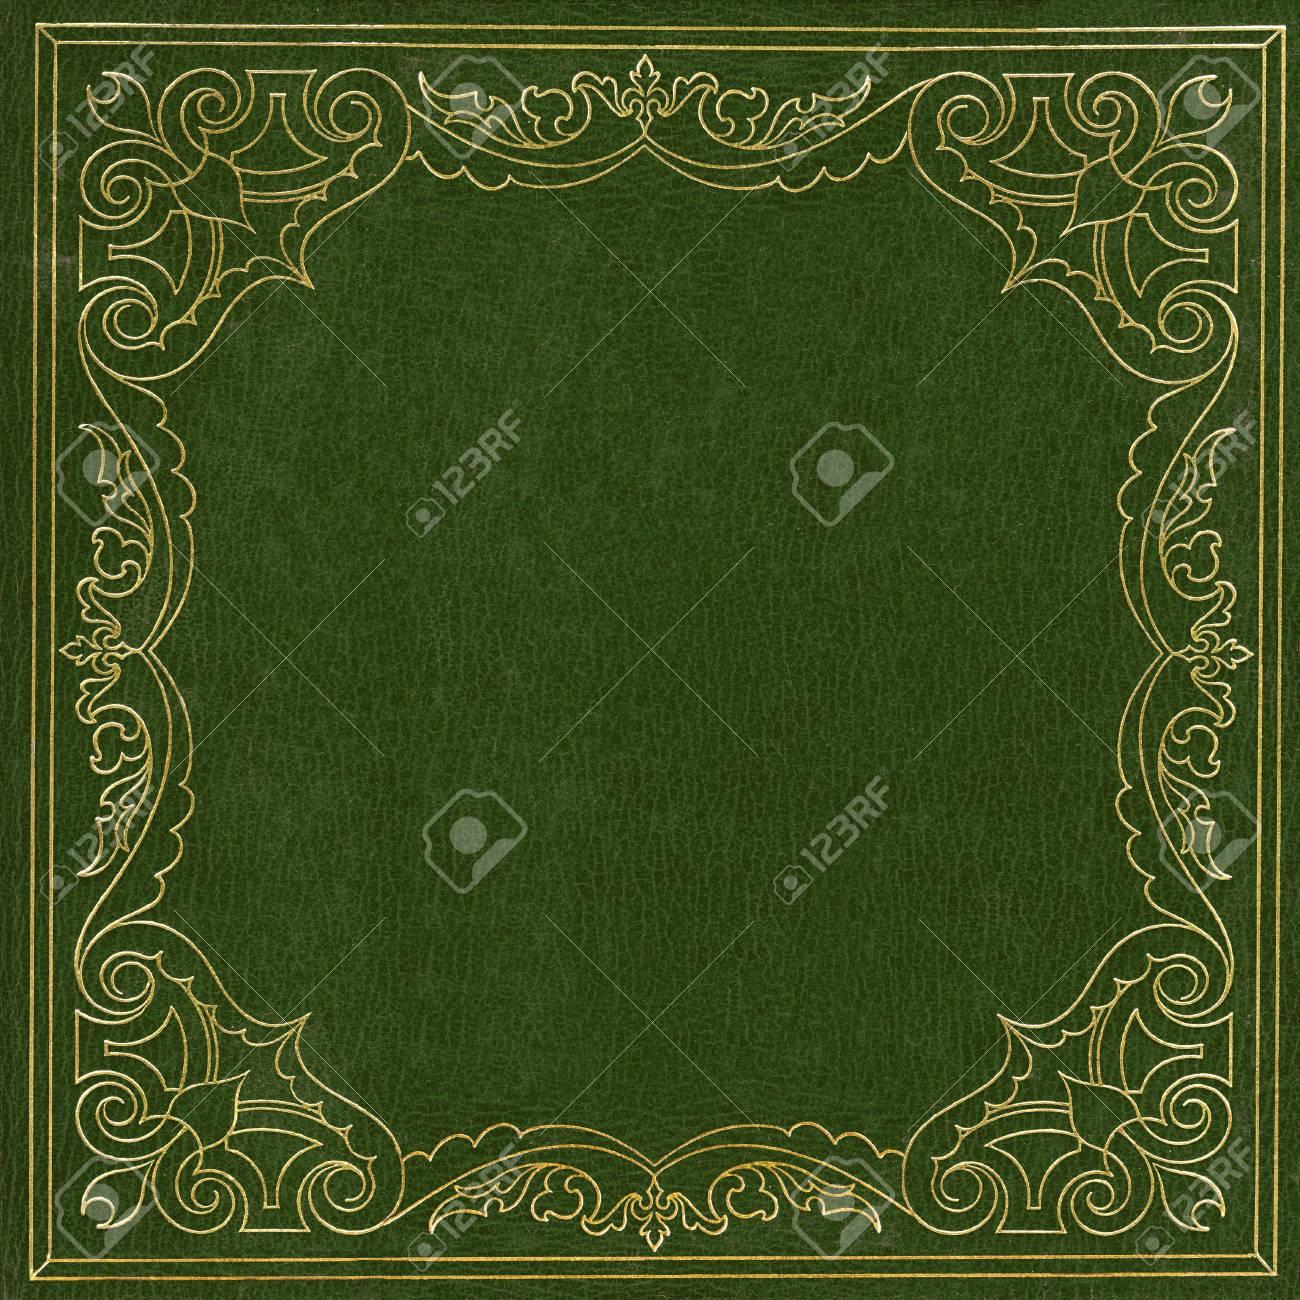 Couverture De Livre En Cuir Vert Et Dore